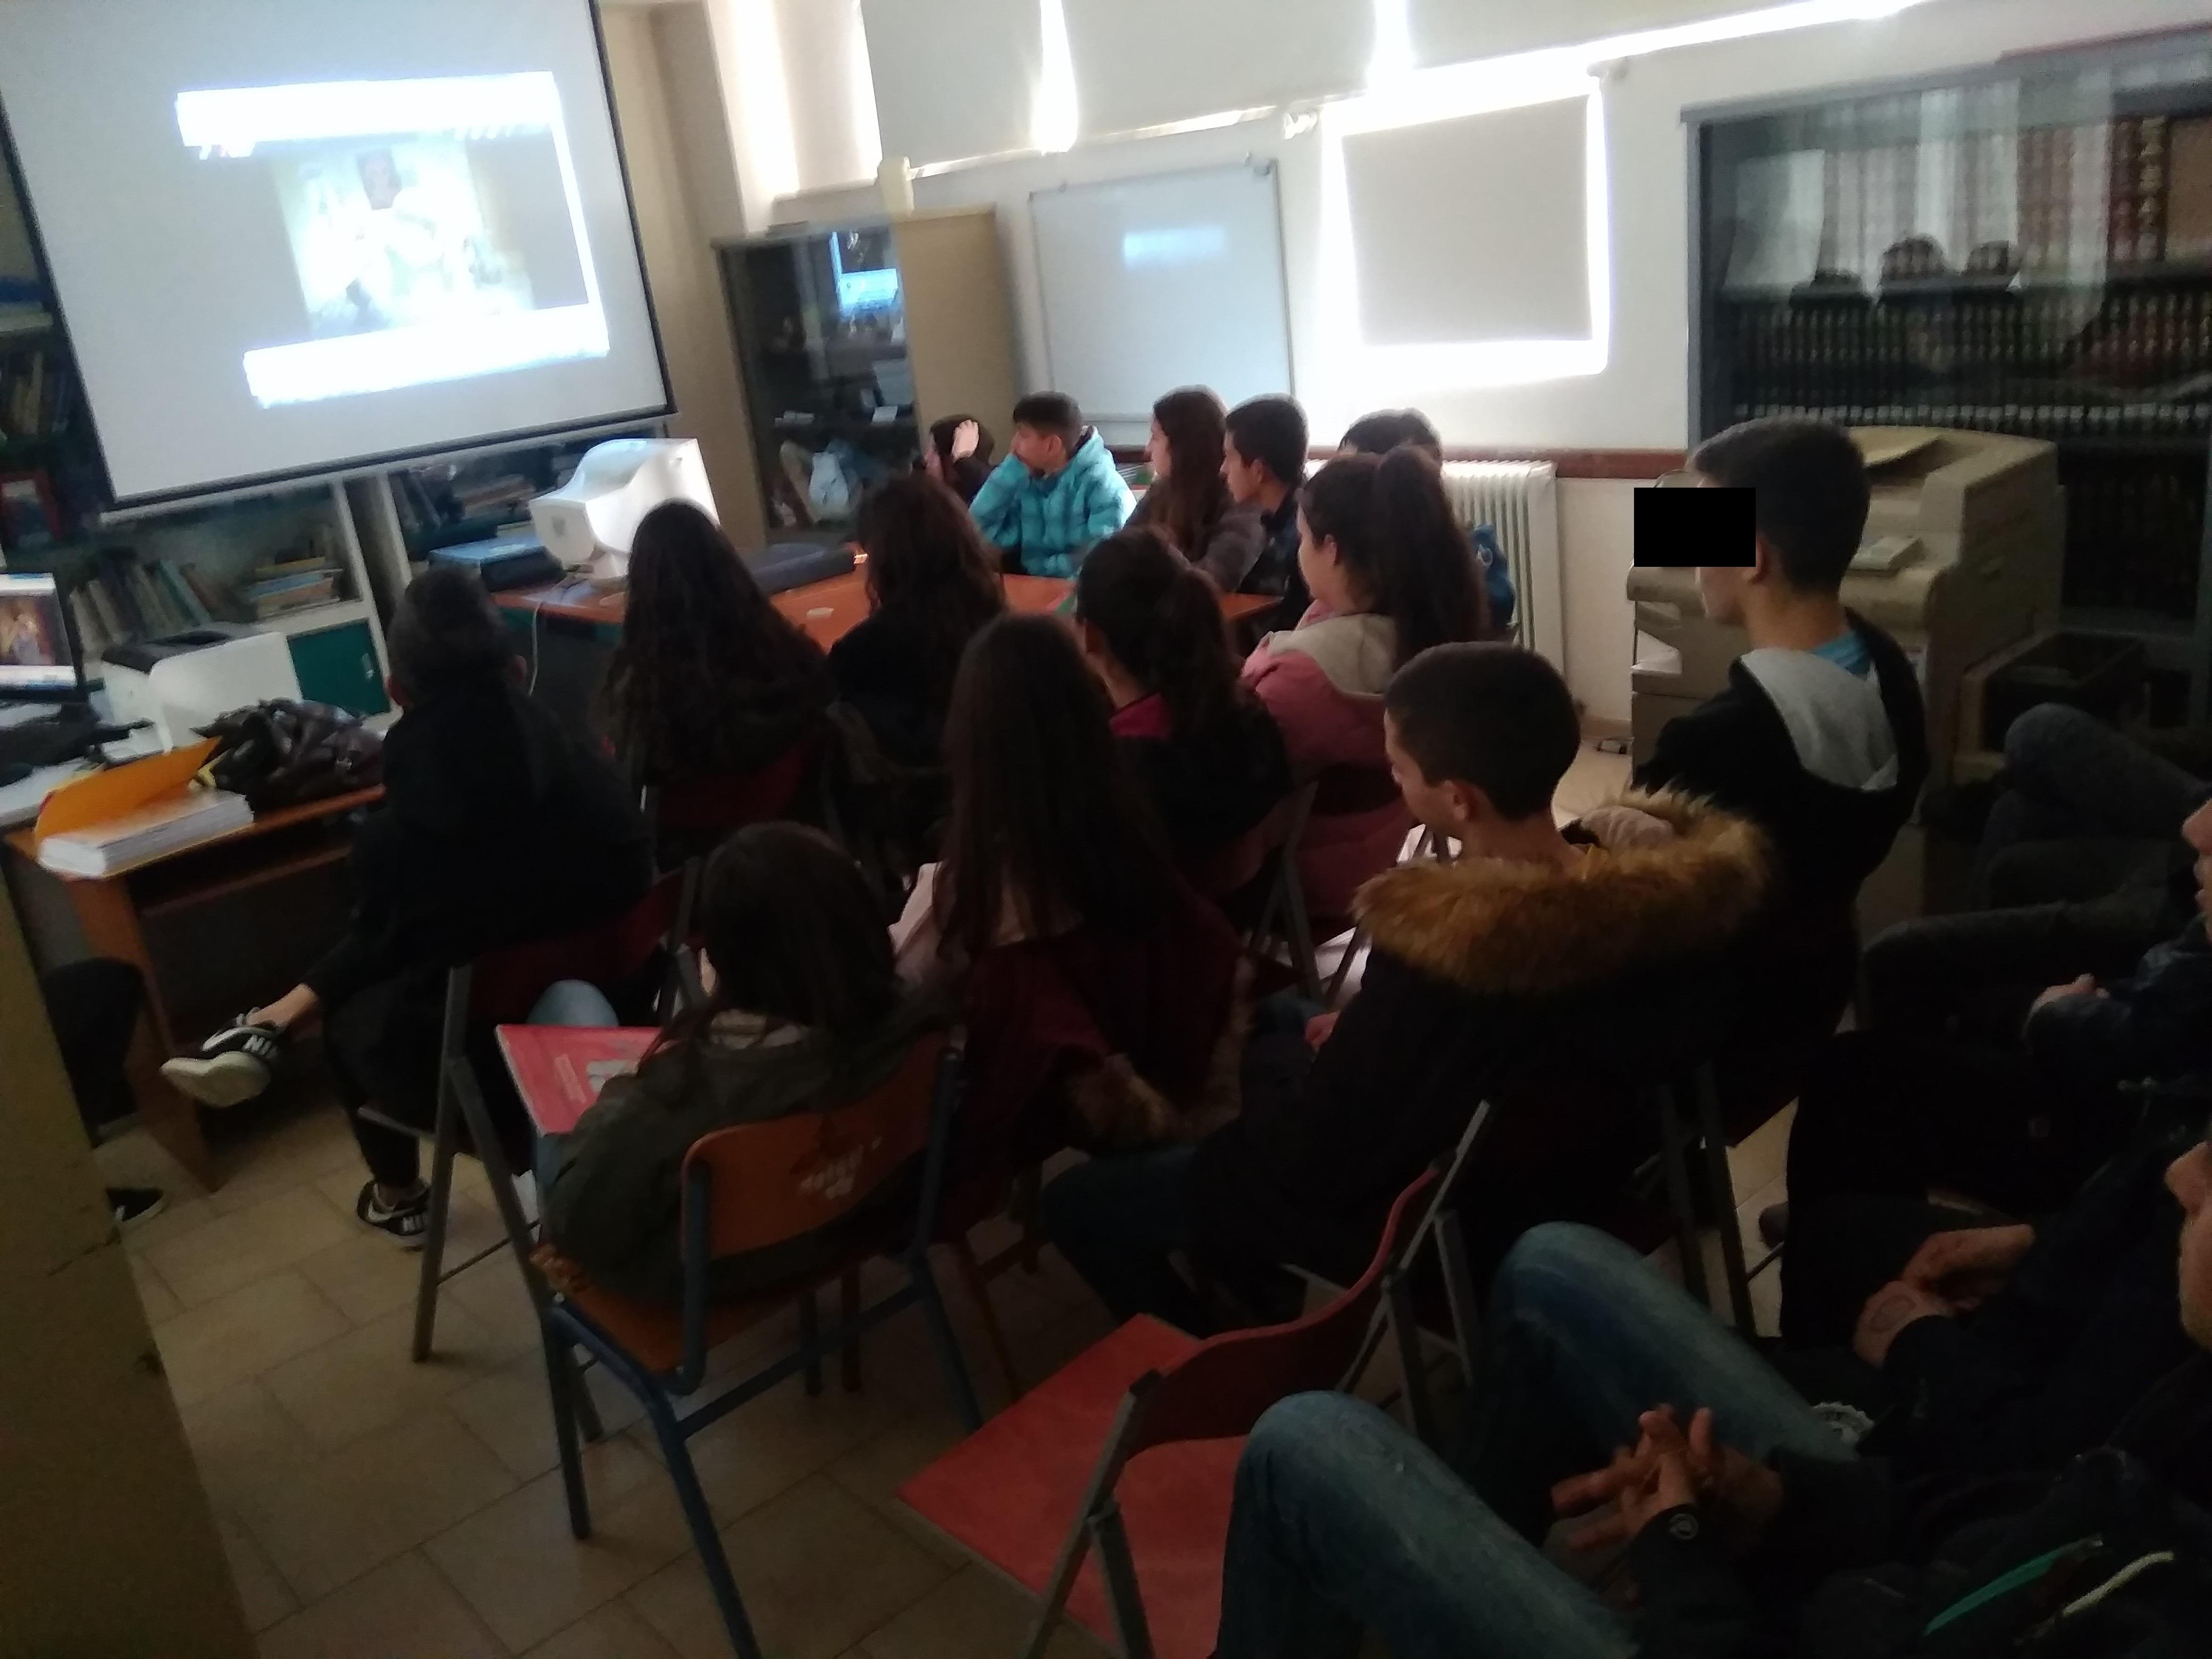 Γυμνάσιο Ευηνοχωρίου Αιτ/νίας